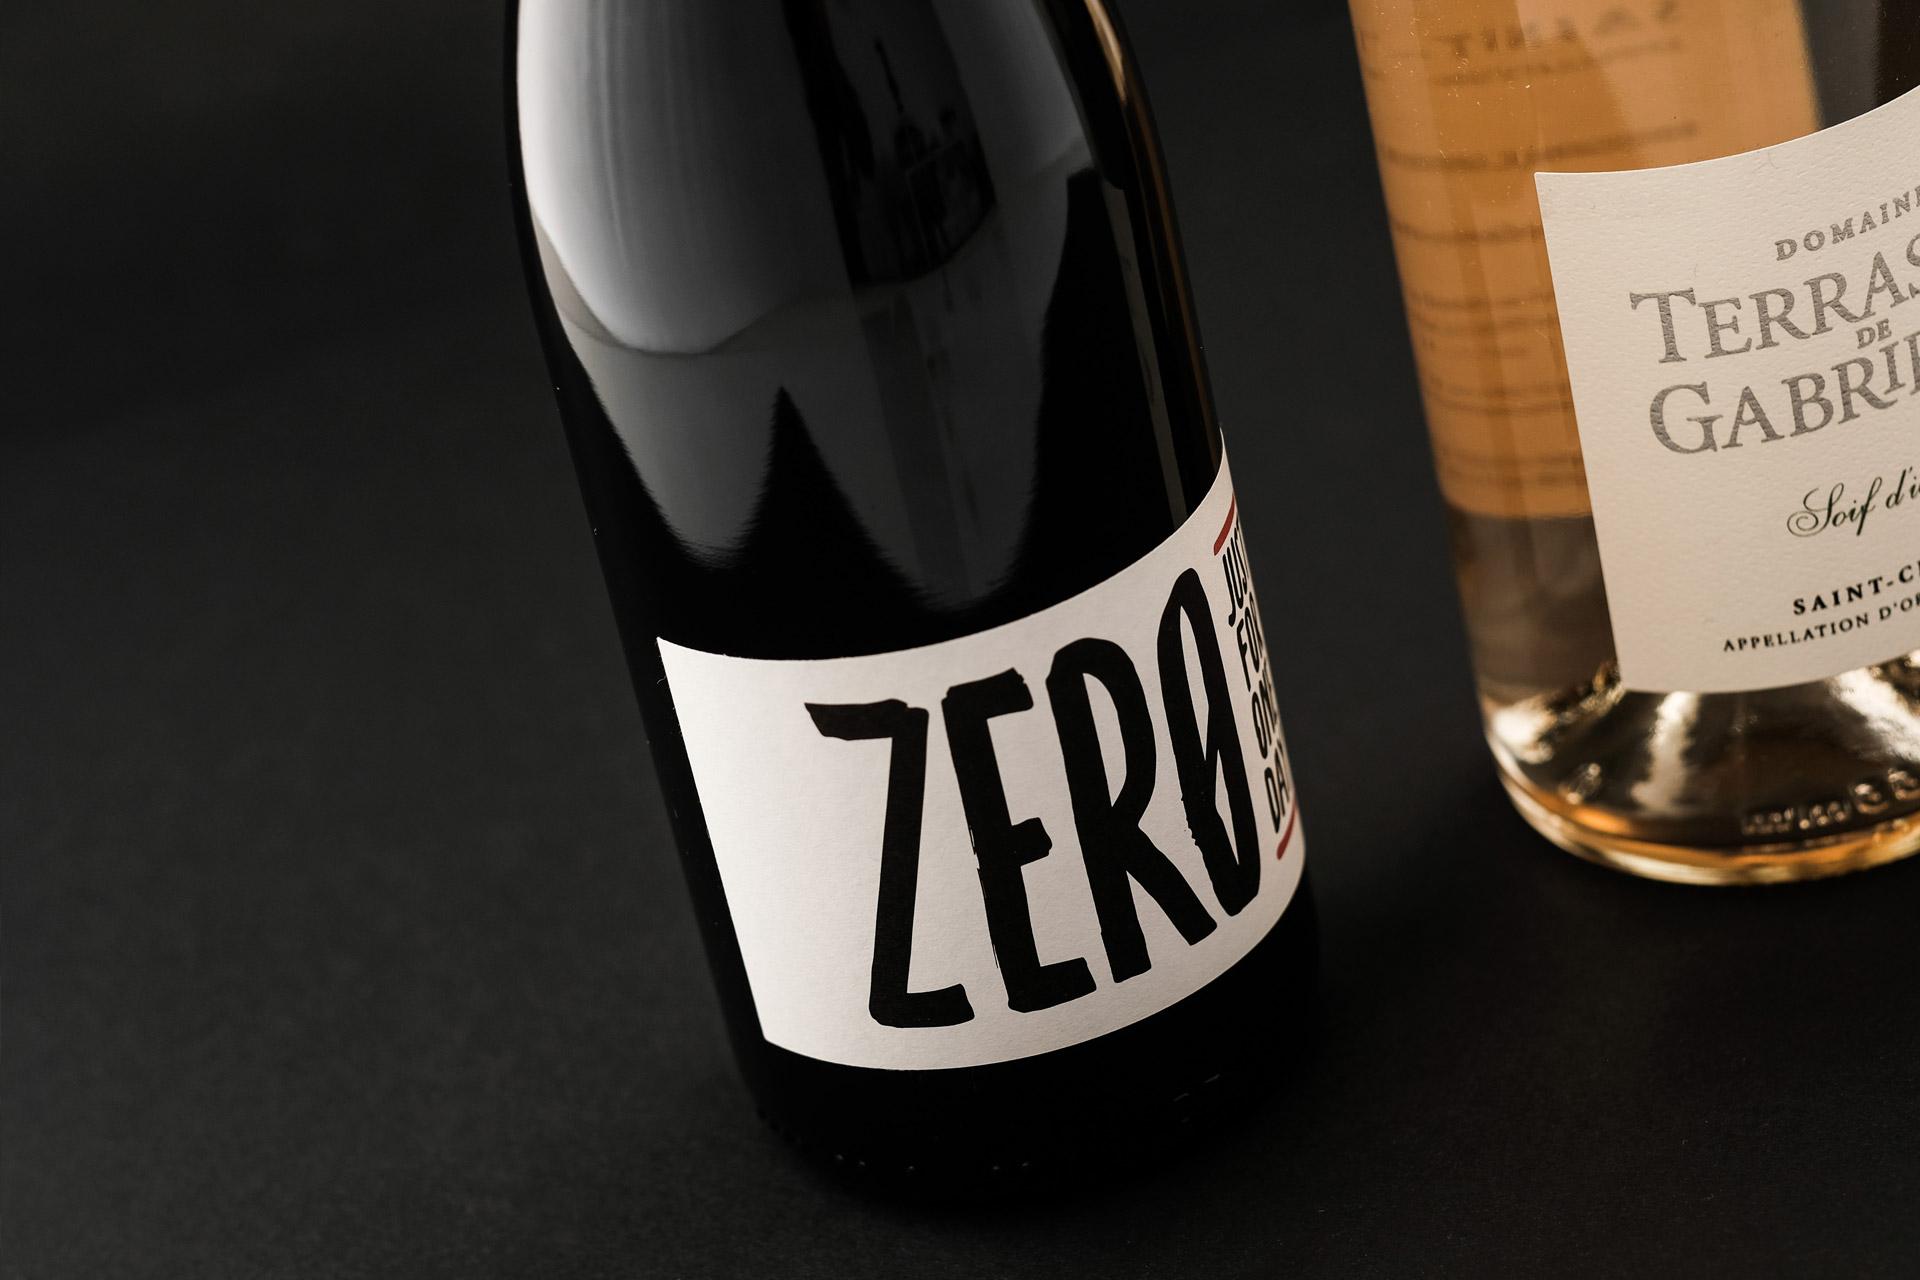 Création d'étiquette de vin